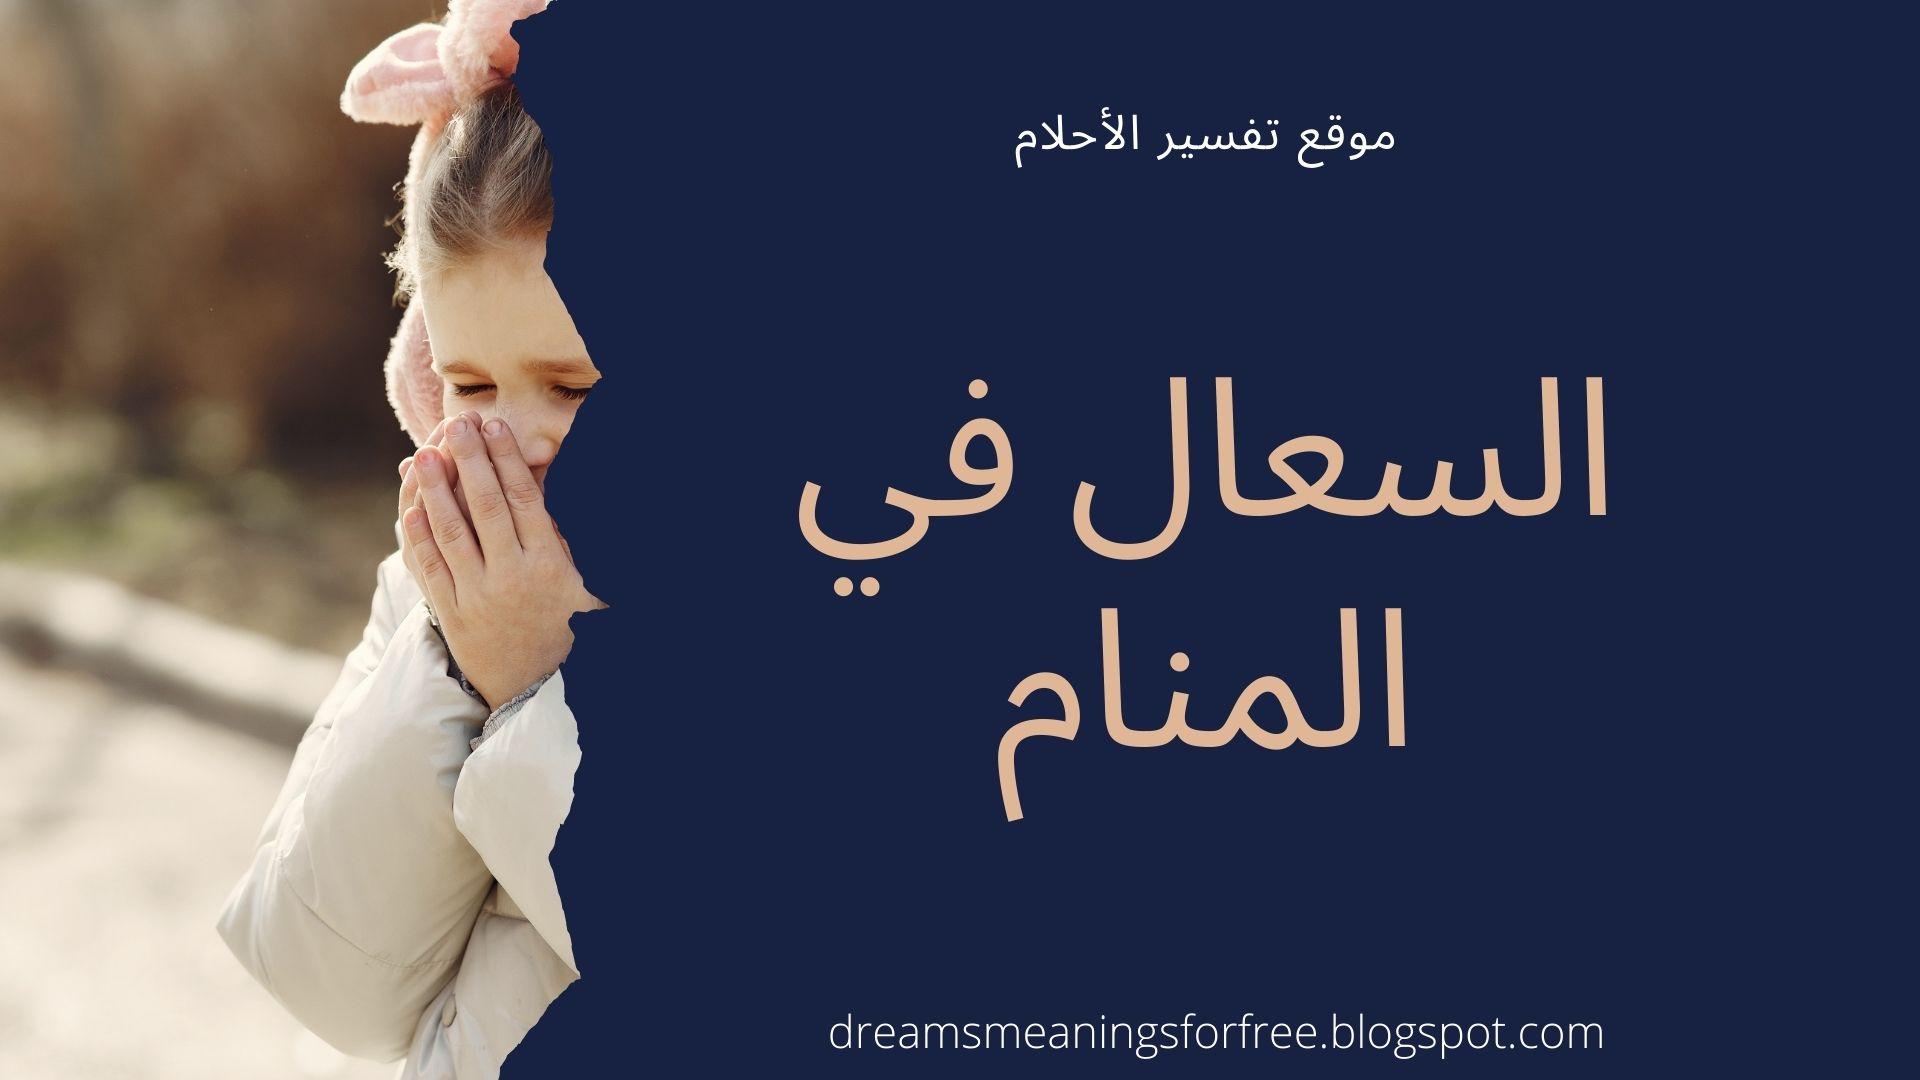 السعال في المنام تفسير حلم السعال والكحة للرجل و المرأة المتزوجة و العزباء